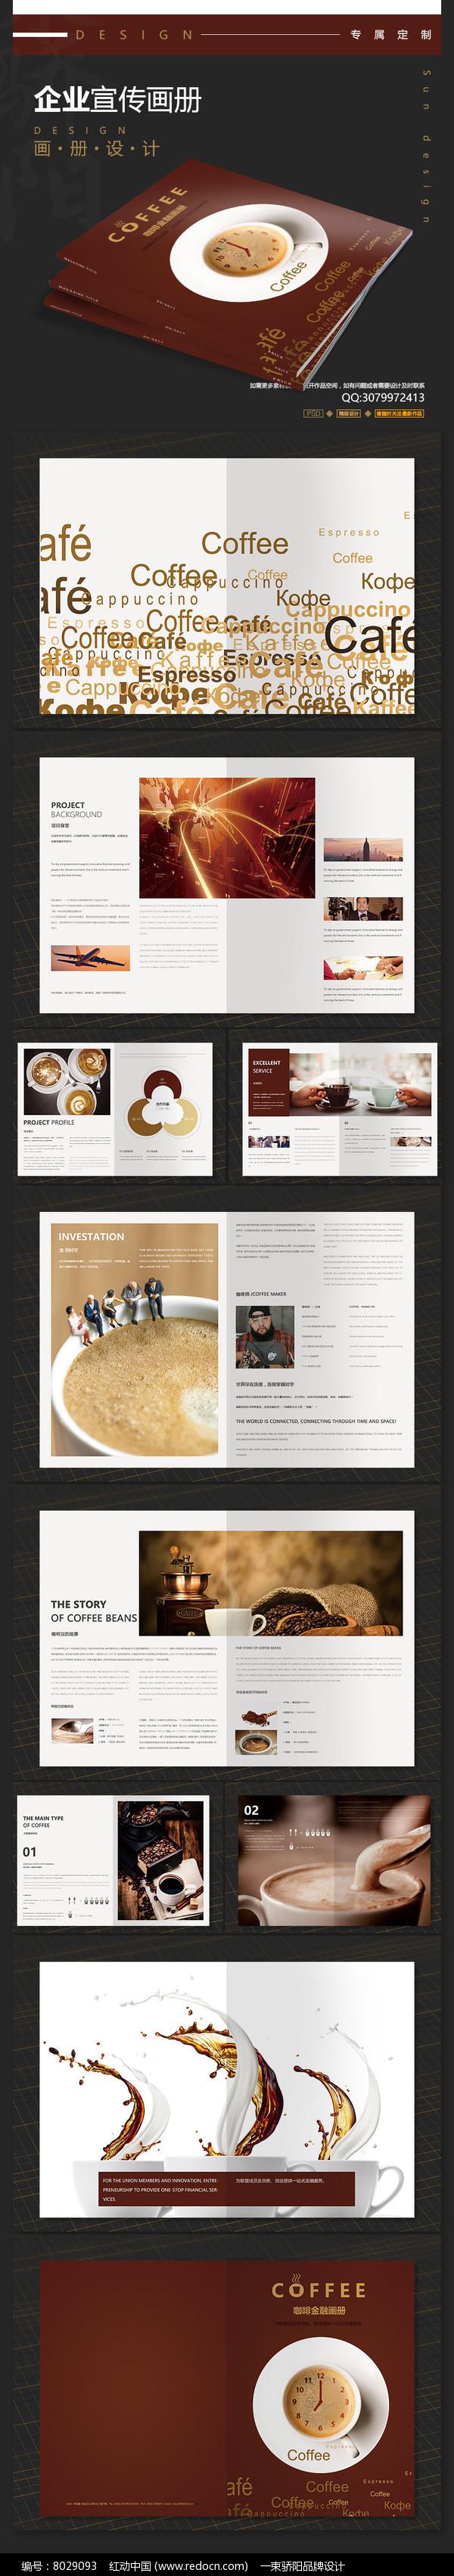 咖啡画册图片